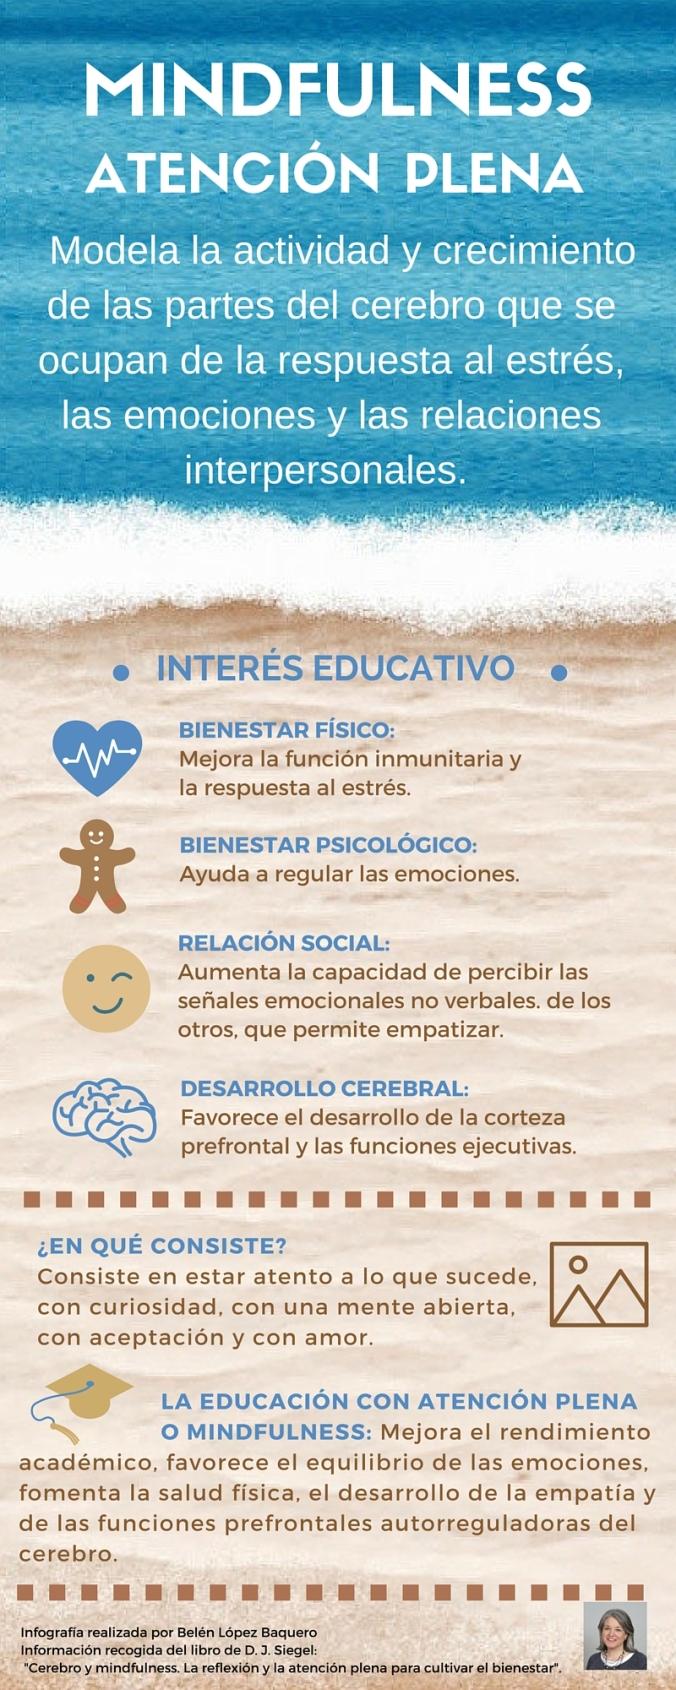 Infografia-BLB-Mindfulness